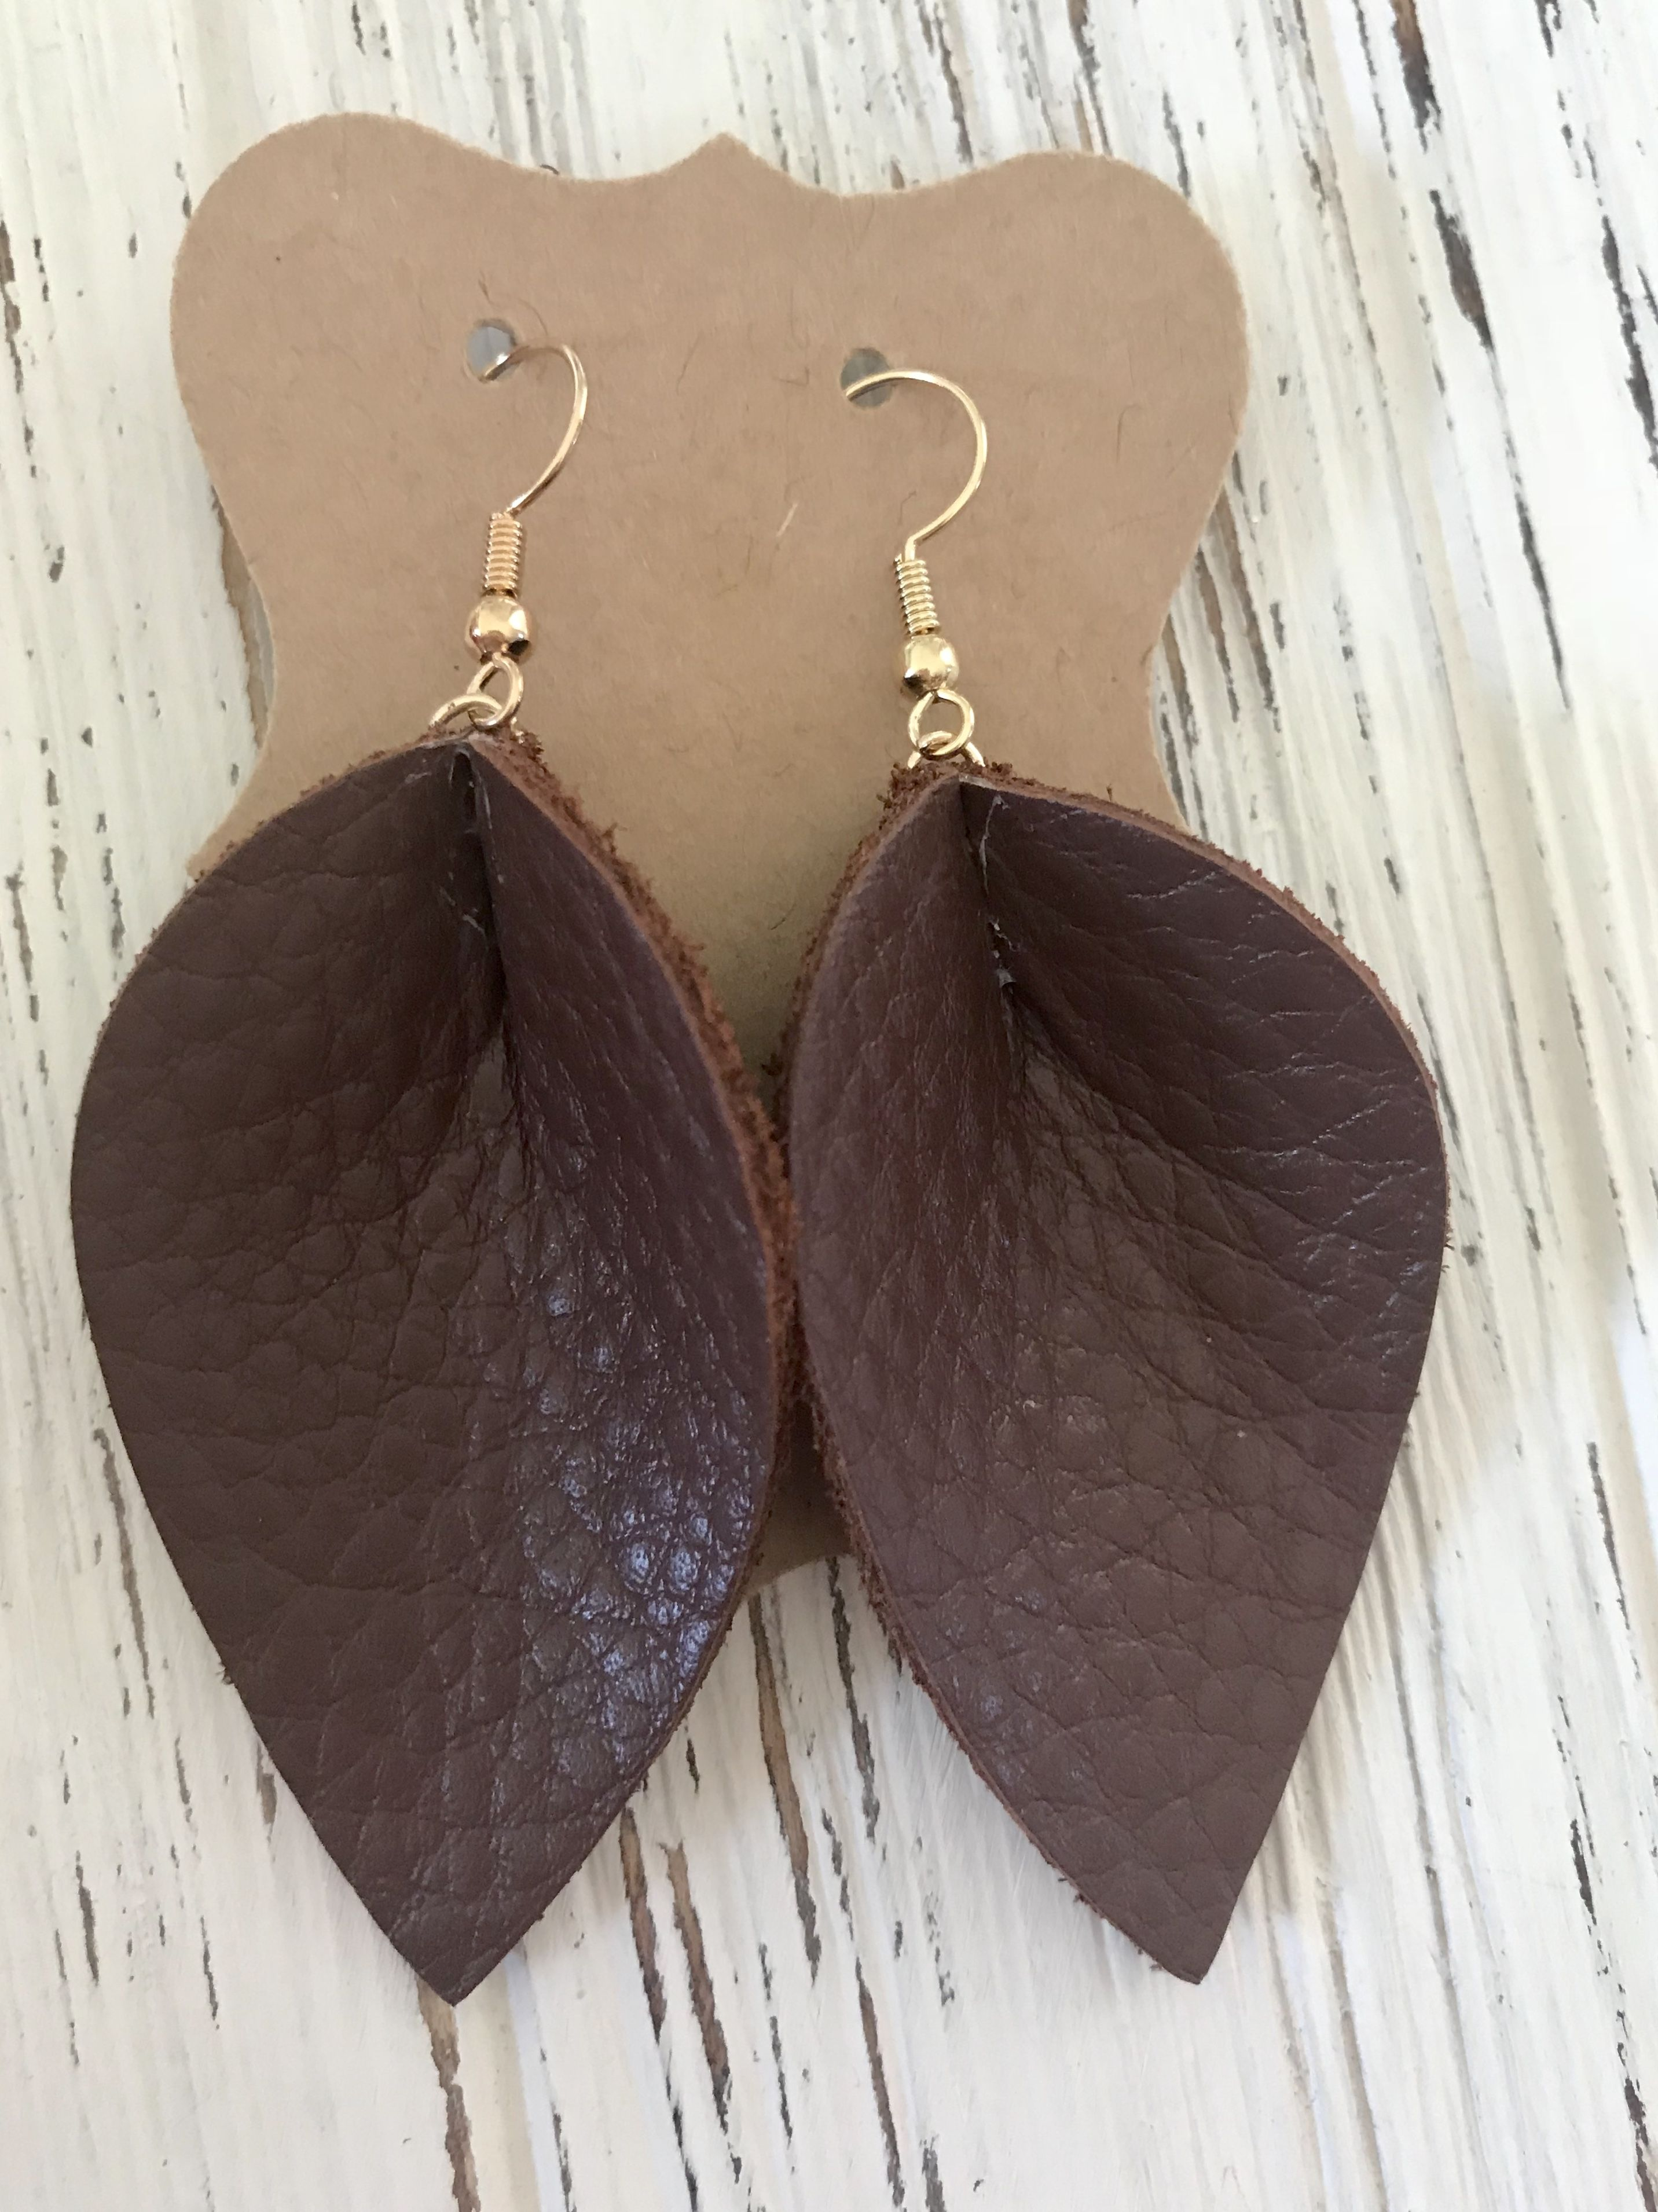 Joanna Gaines Inspired Brown Petal Leather Earrings! | Diy ...